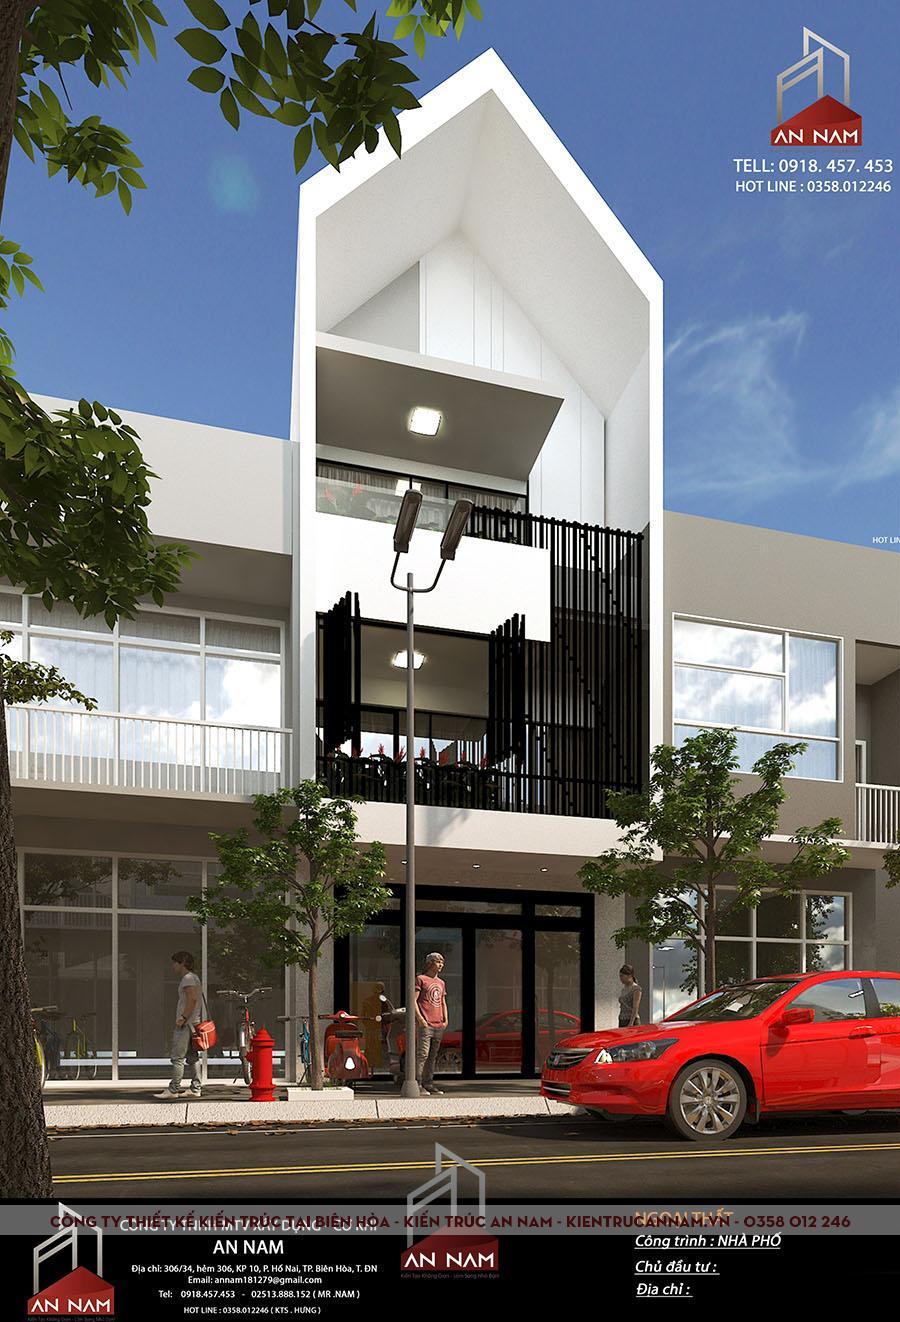 thiết kế kiến trúc nhà phố 3 tầng Bình Dương đẹp